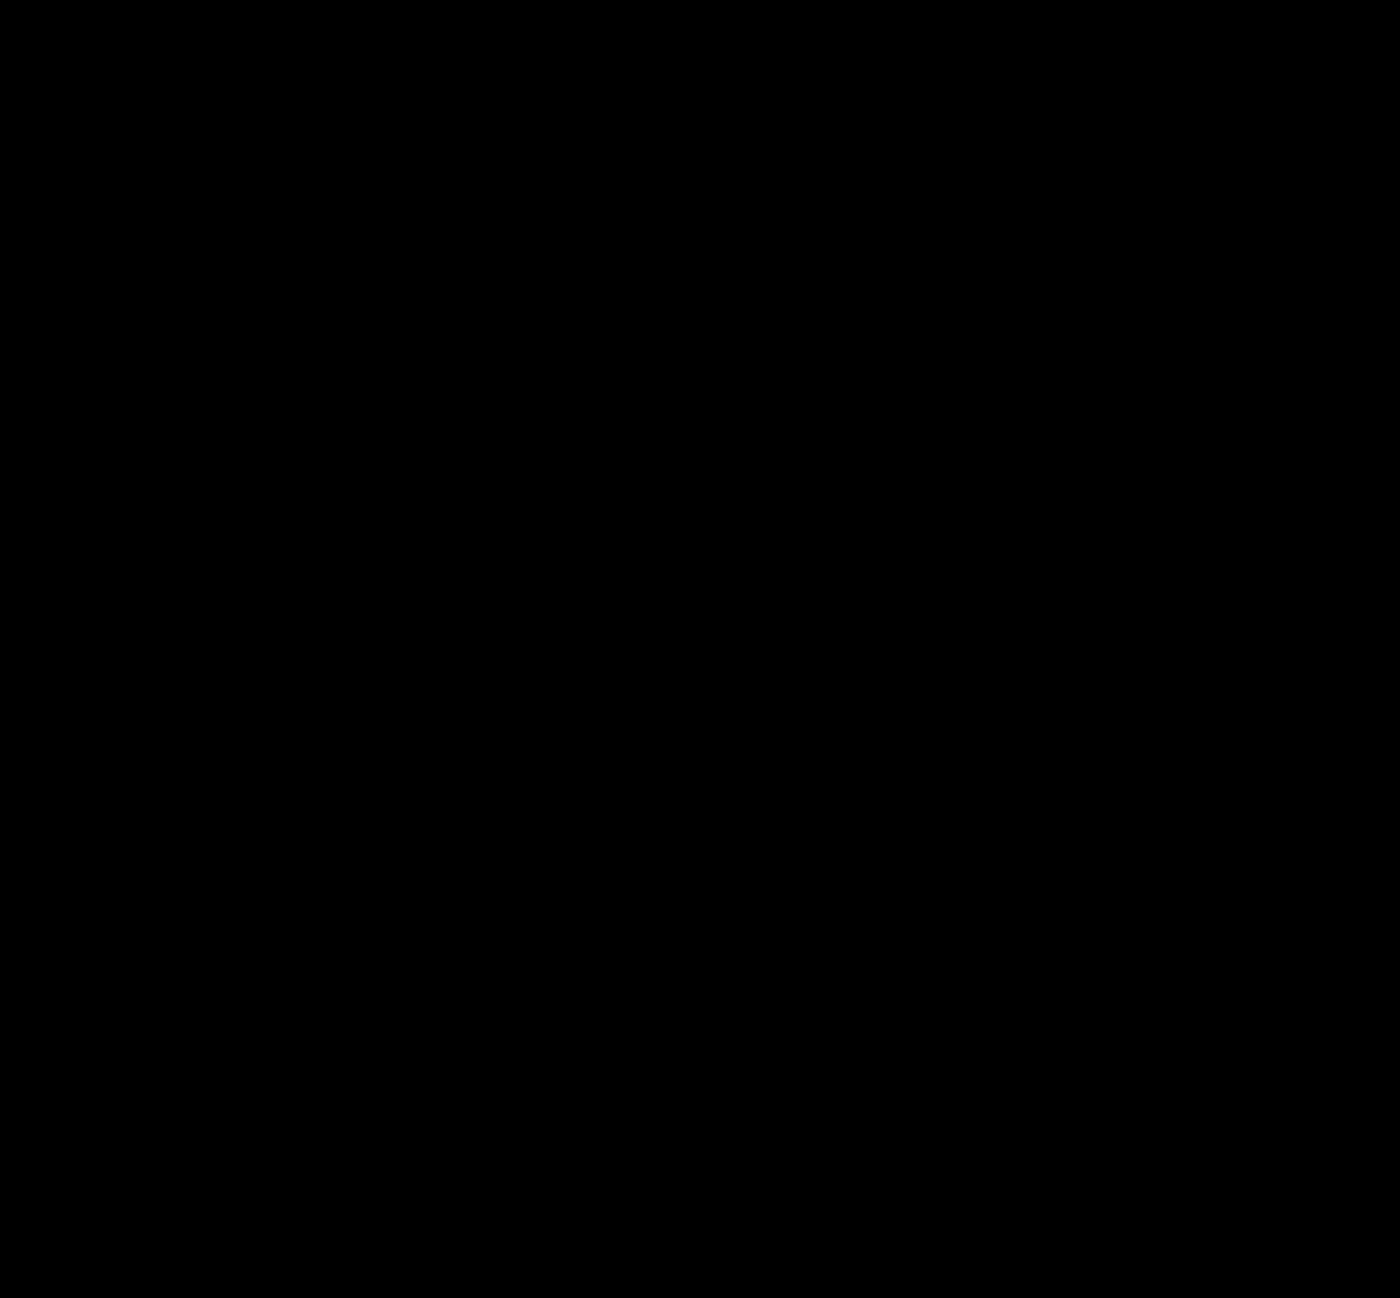 Teknoware neyðarljós ESC 80 m. rafhlöðu